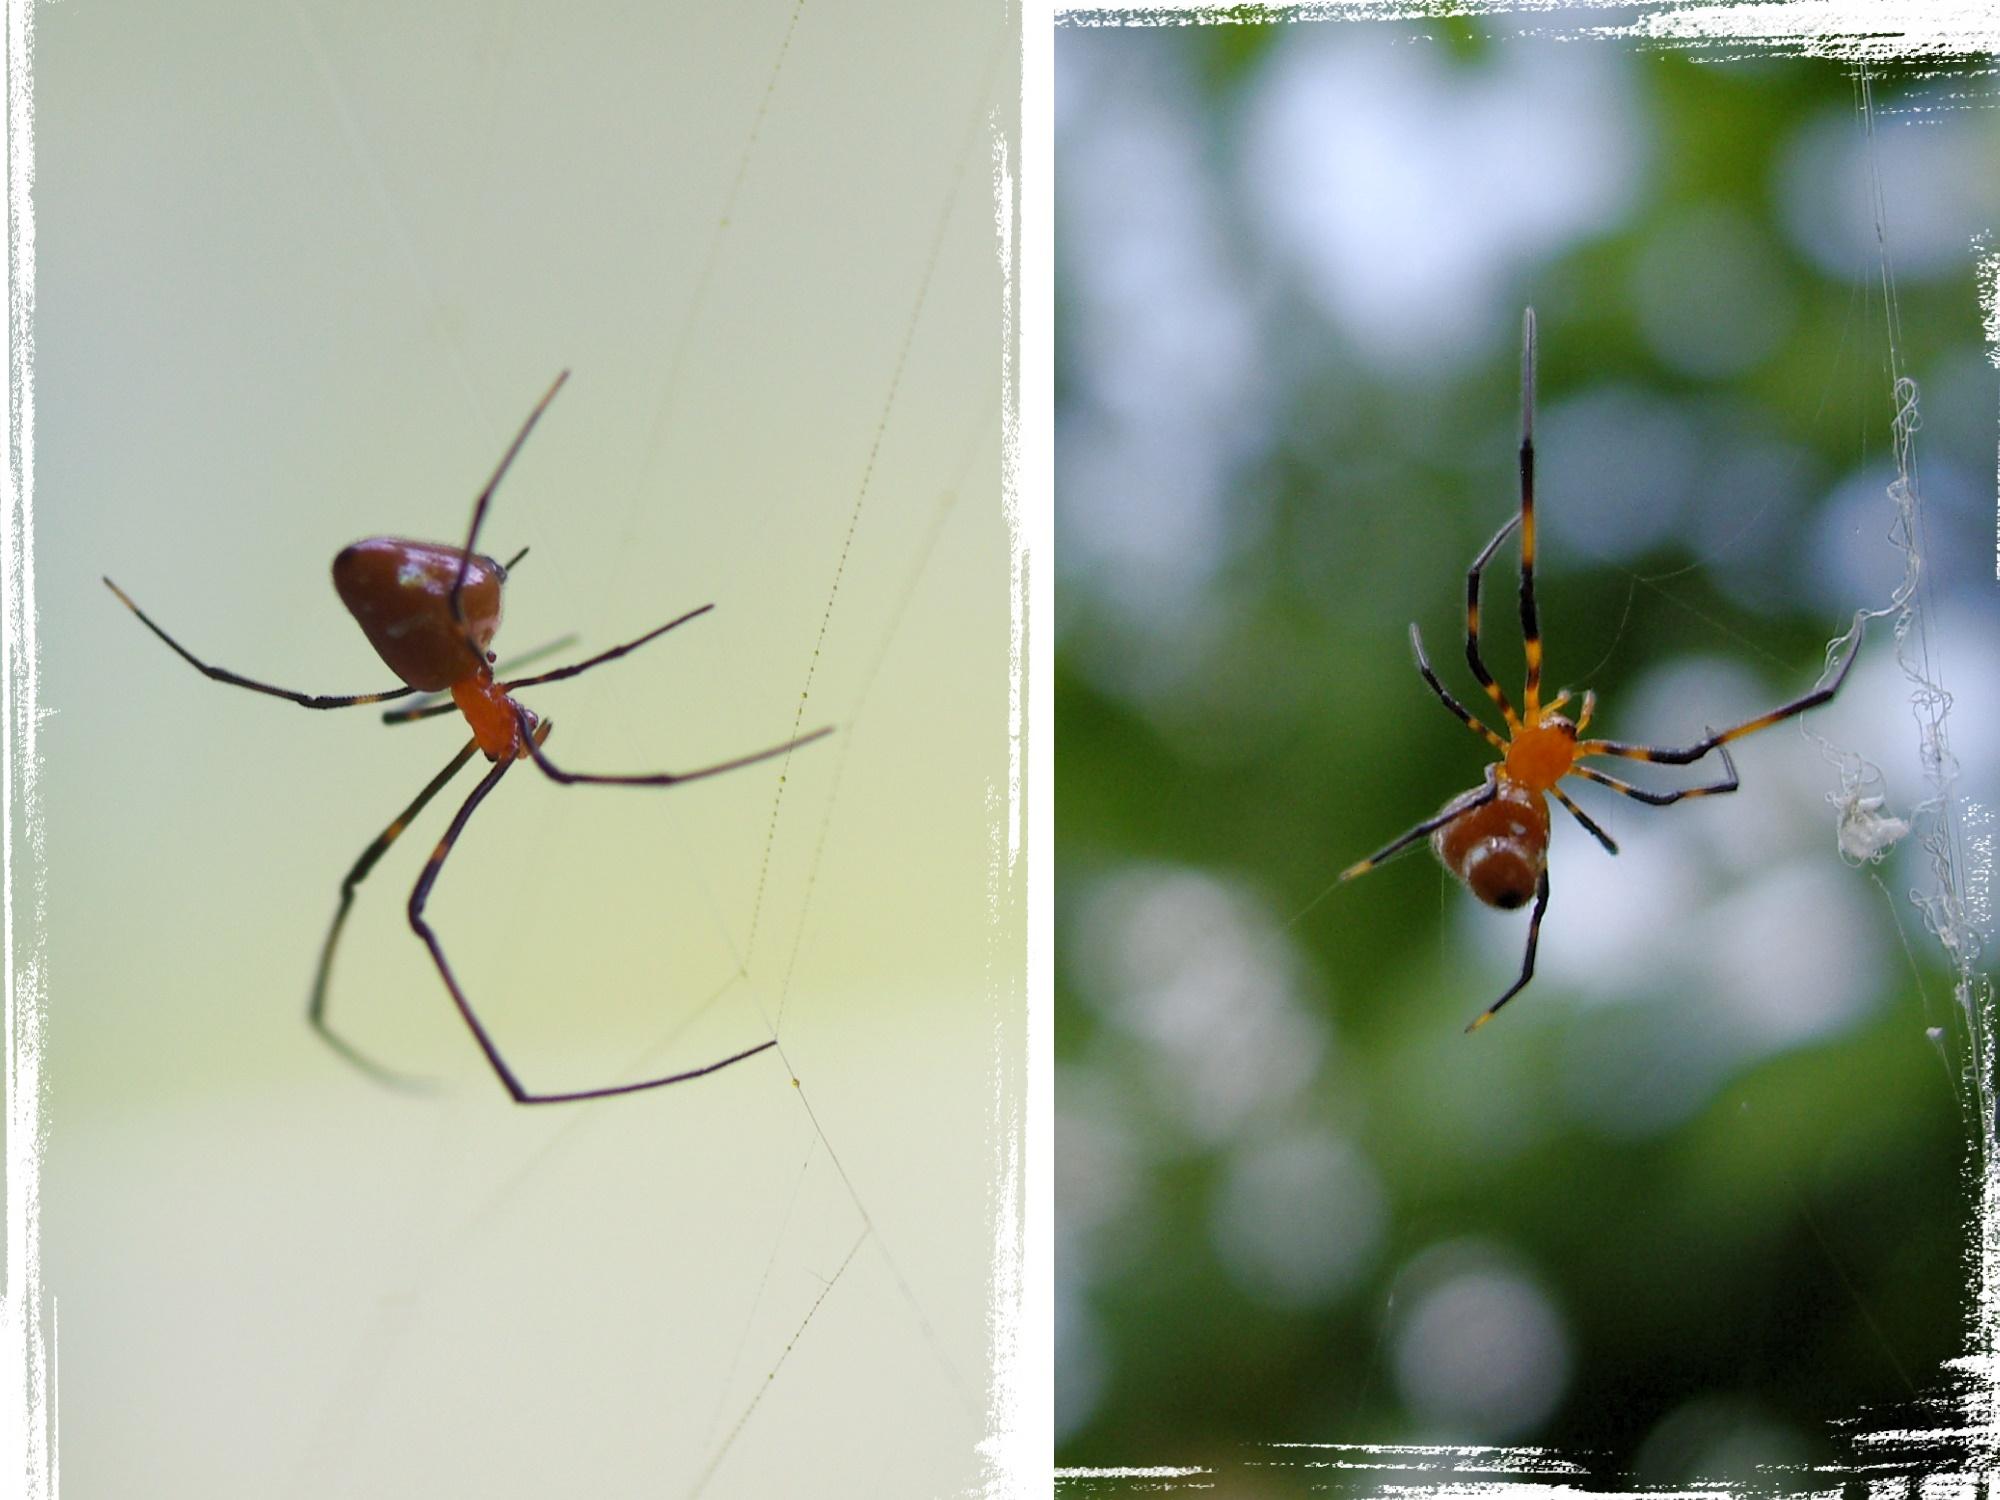 【蟲蟲的祕密】人面蜘蛛的房客 | 臺灣環境資訊協會-環境資訊中心